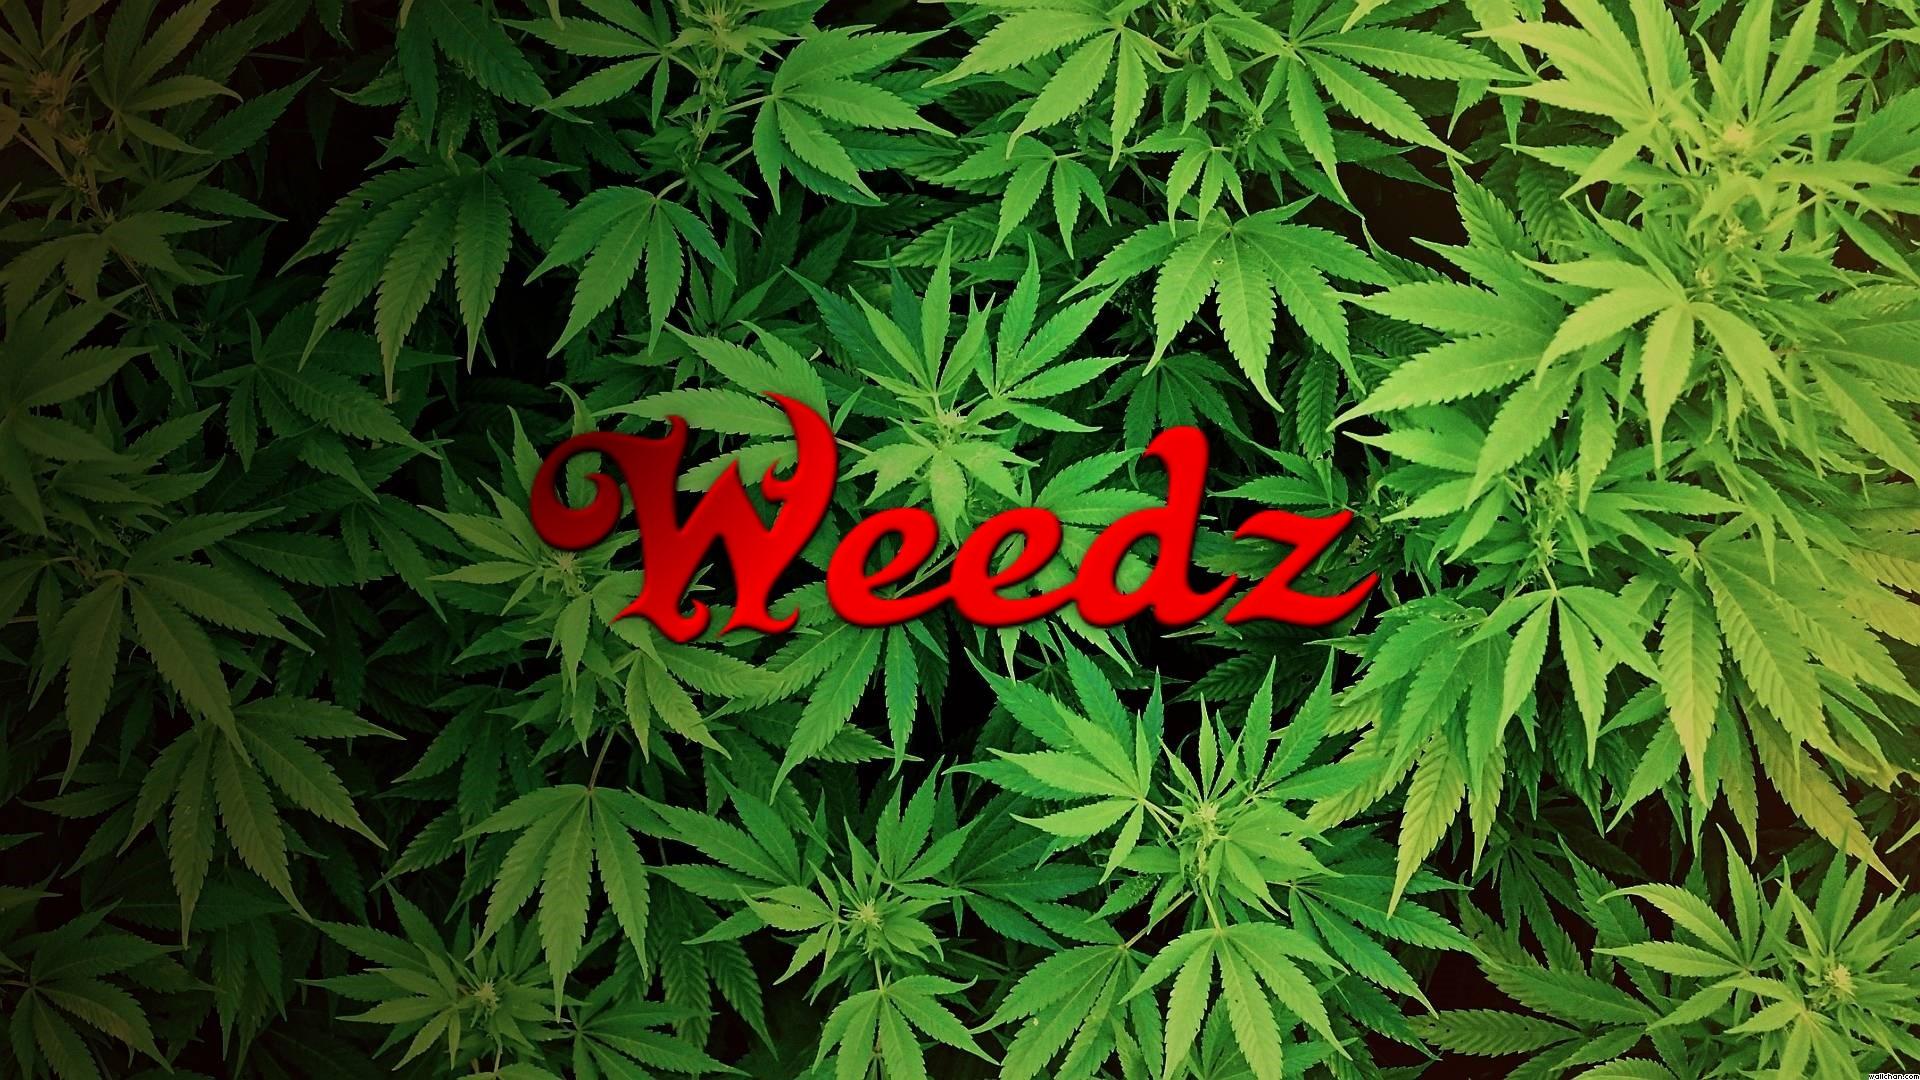 Weed10ofal9.jpg